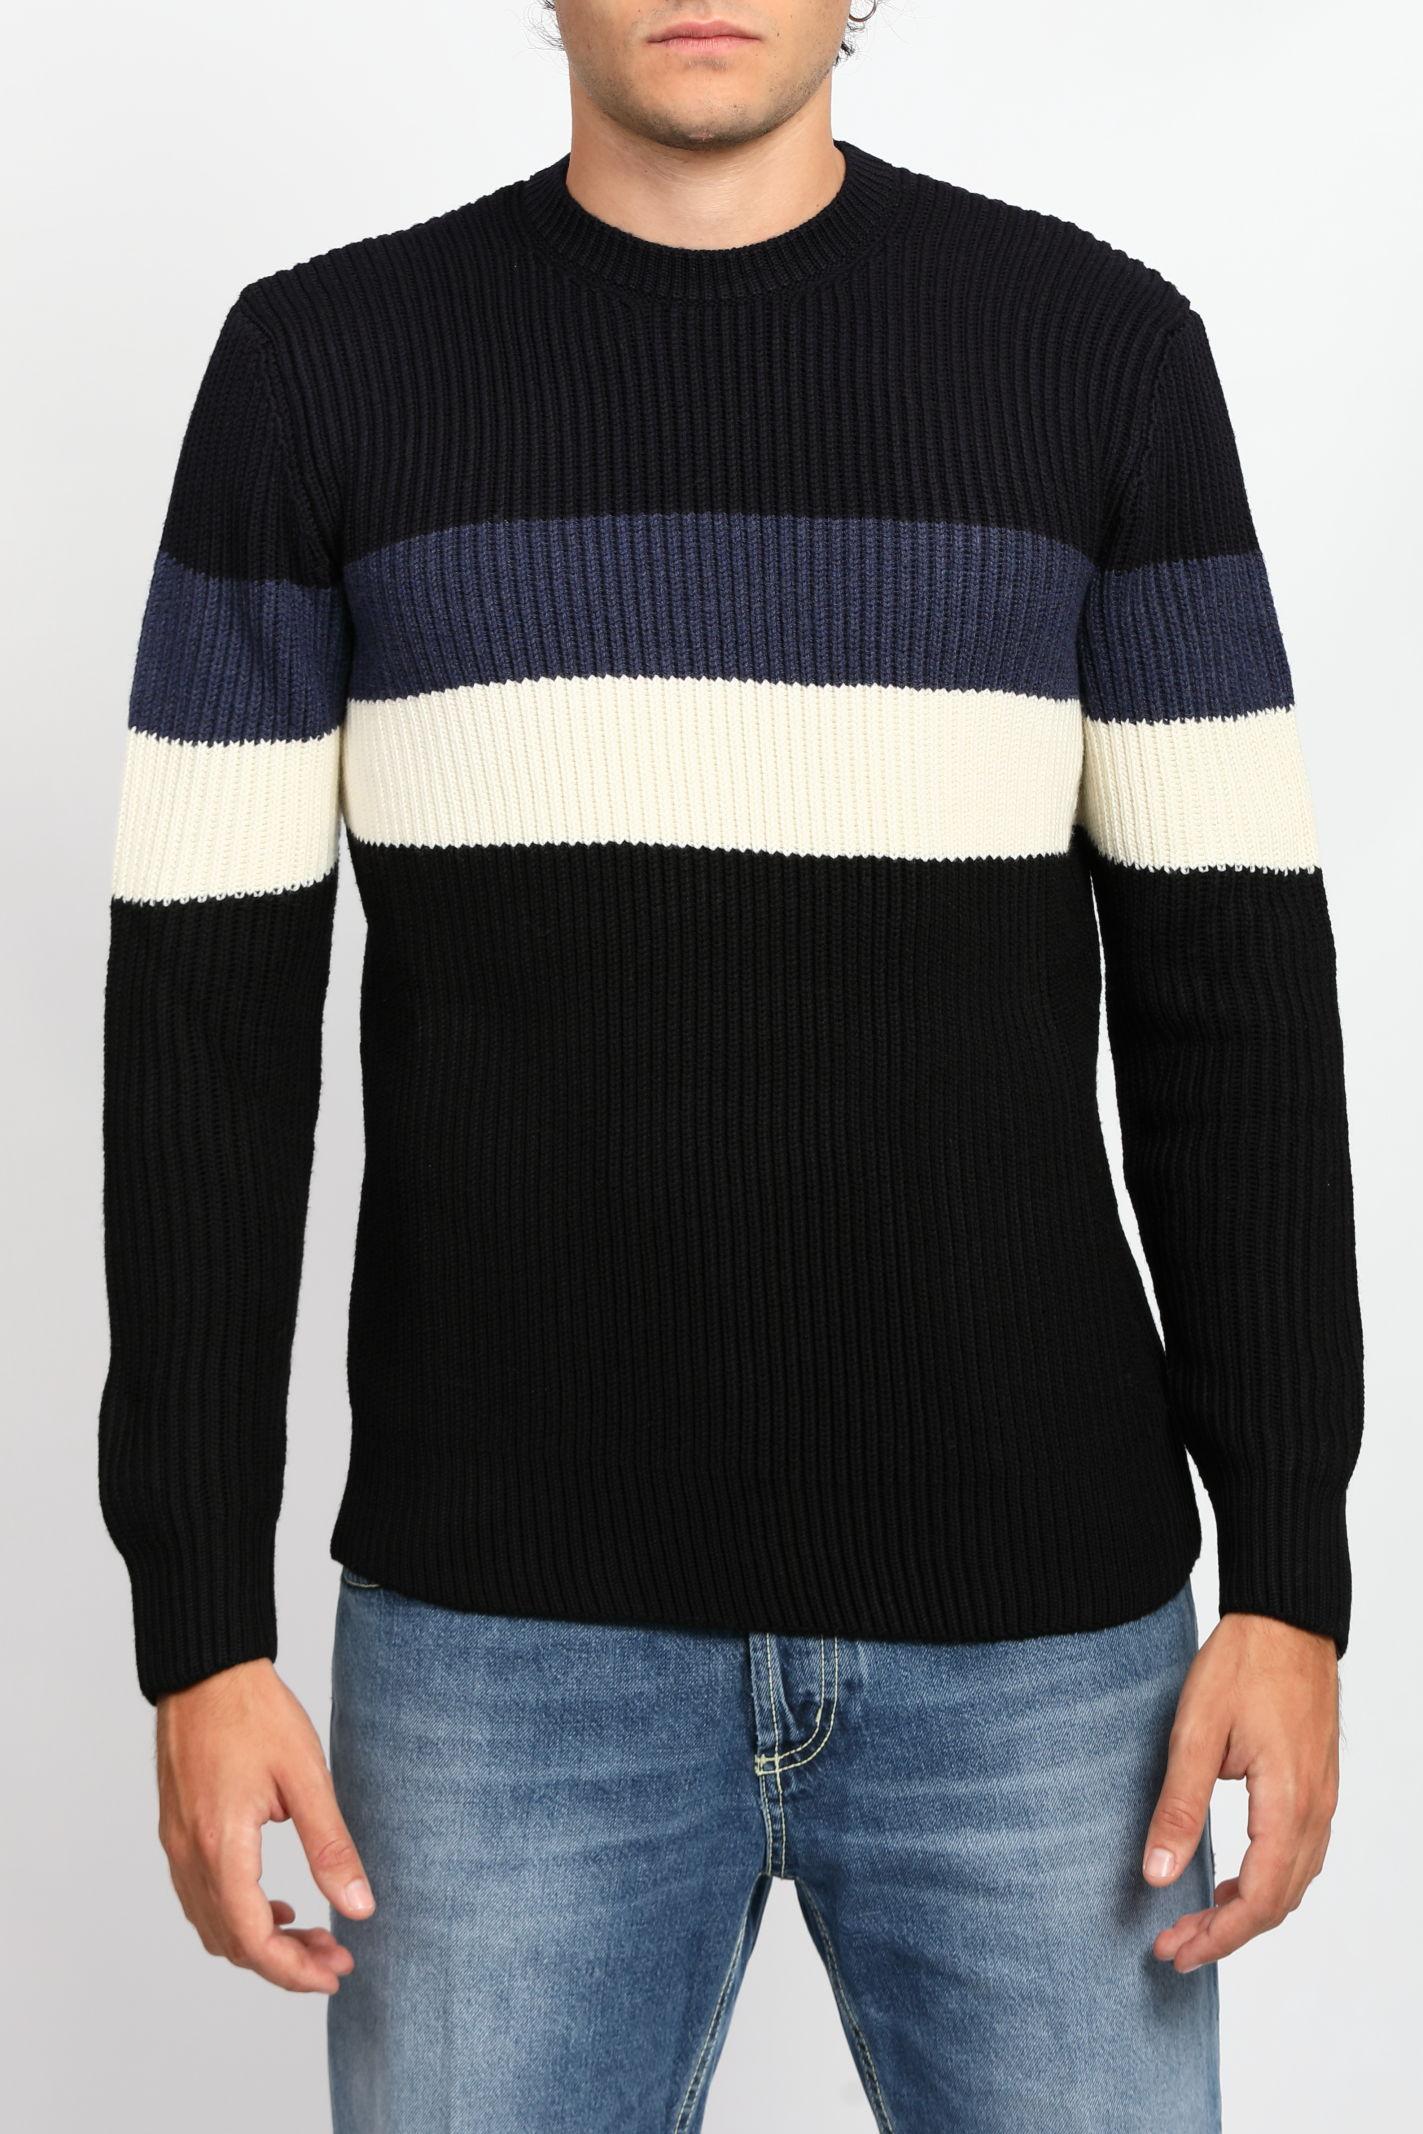 WOOL SWEATER TAGLIATORE | Knitwear | MGLLA4CL-PWI21BIXS